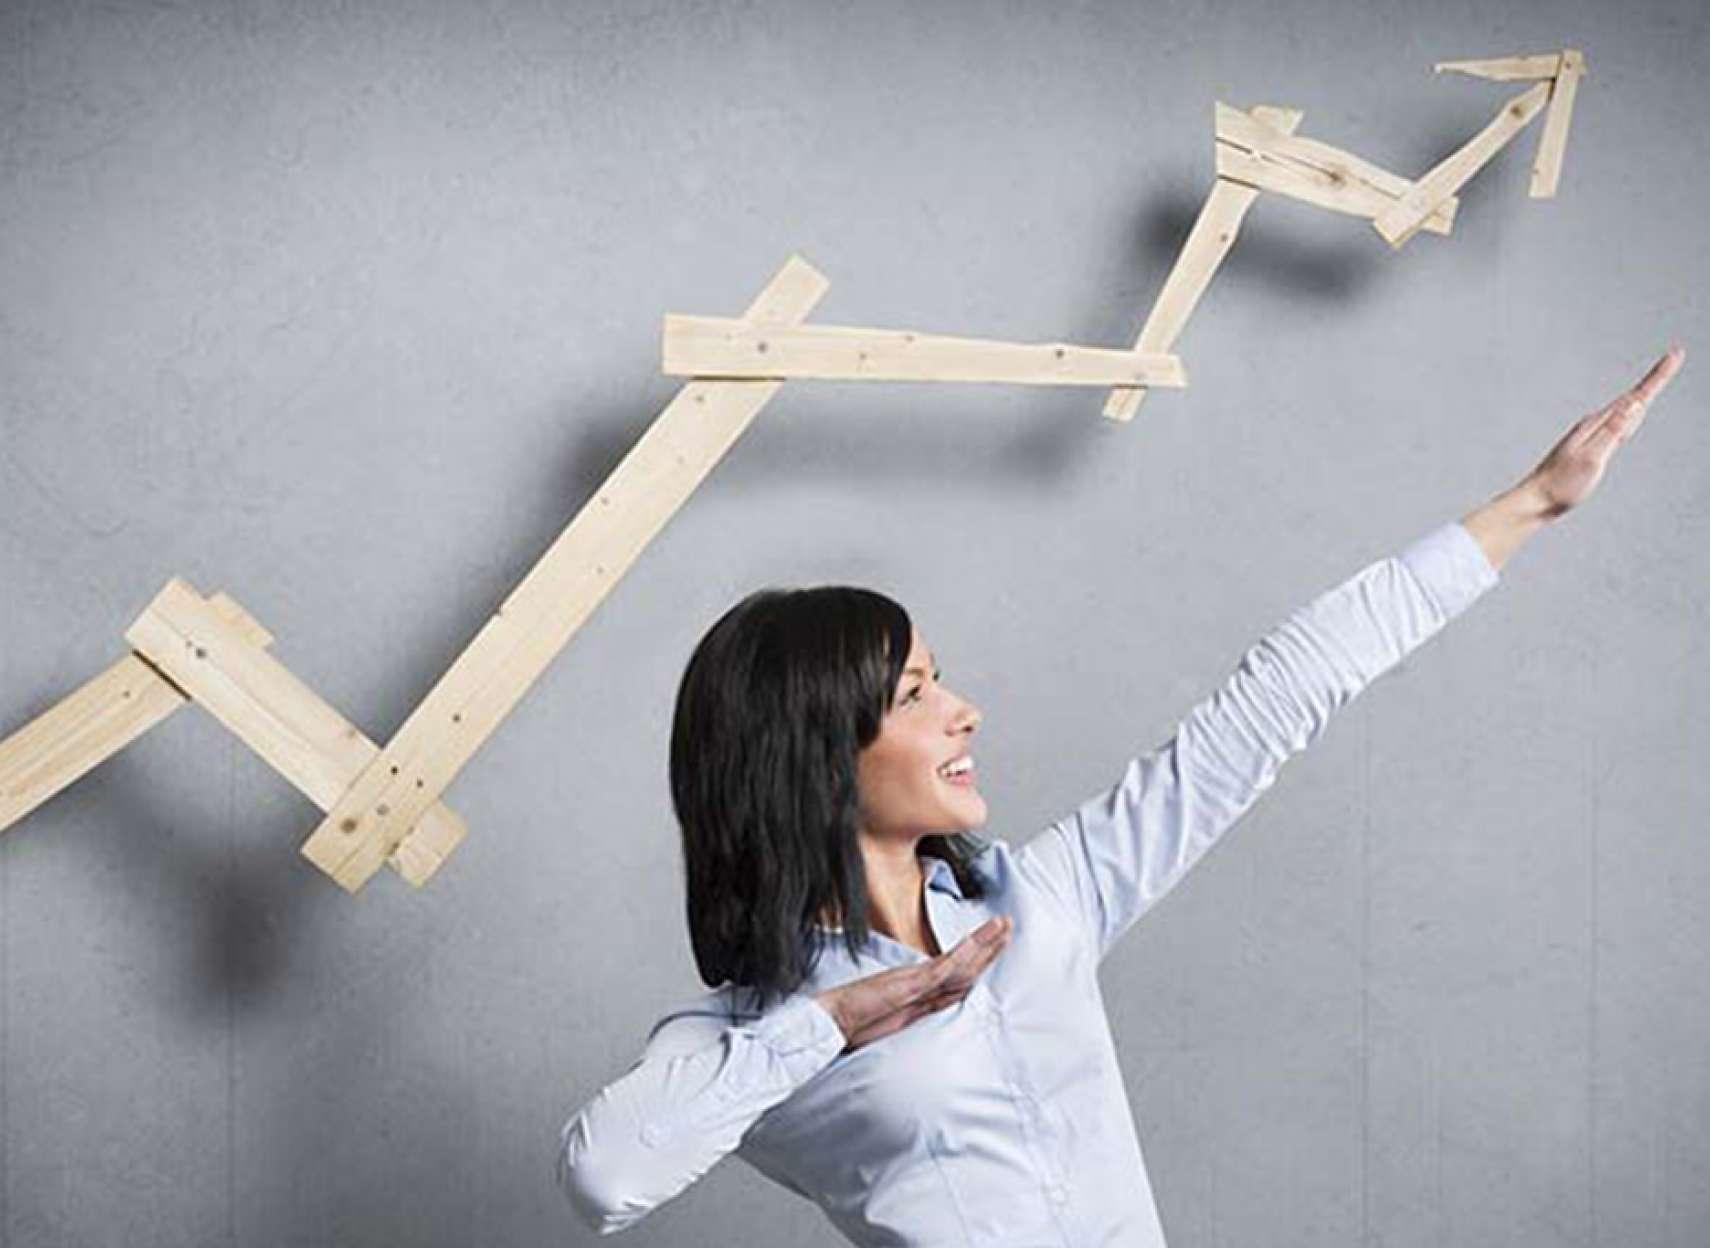 روانشناسی-نیکخواه-توانمندسازی-در-زنان